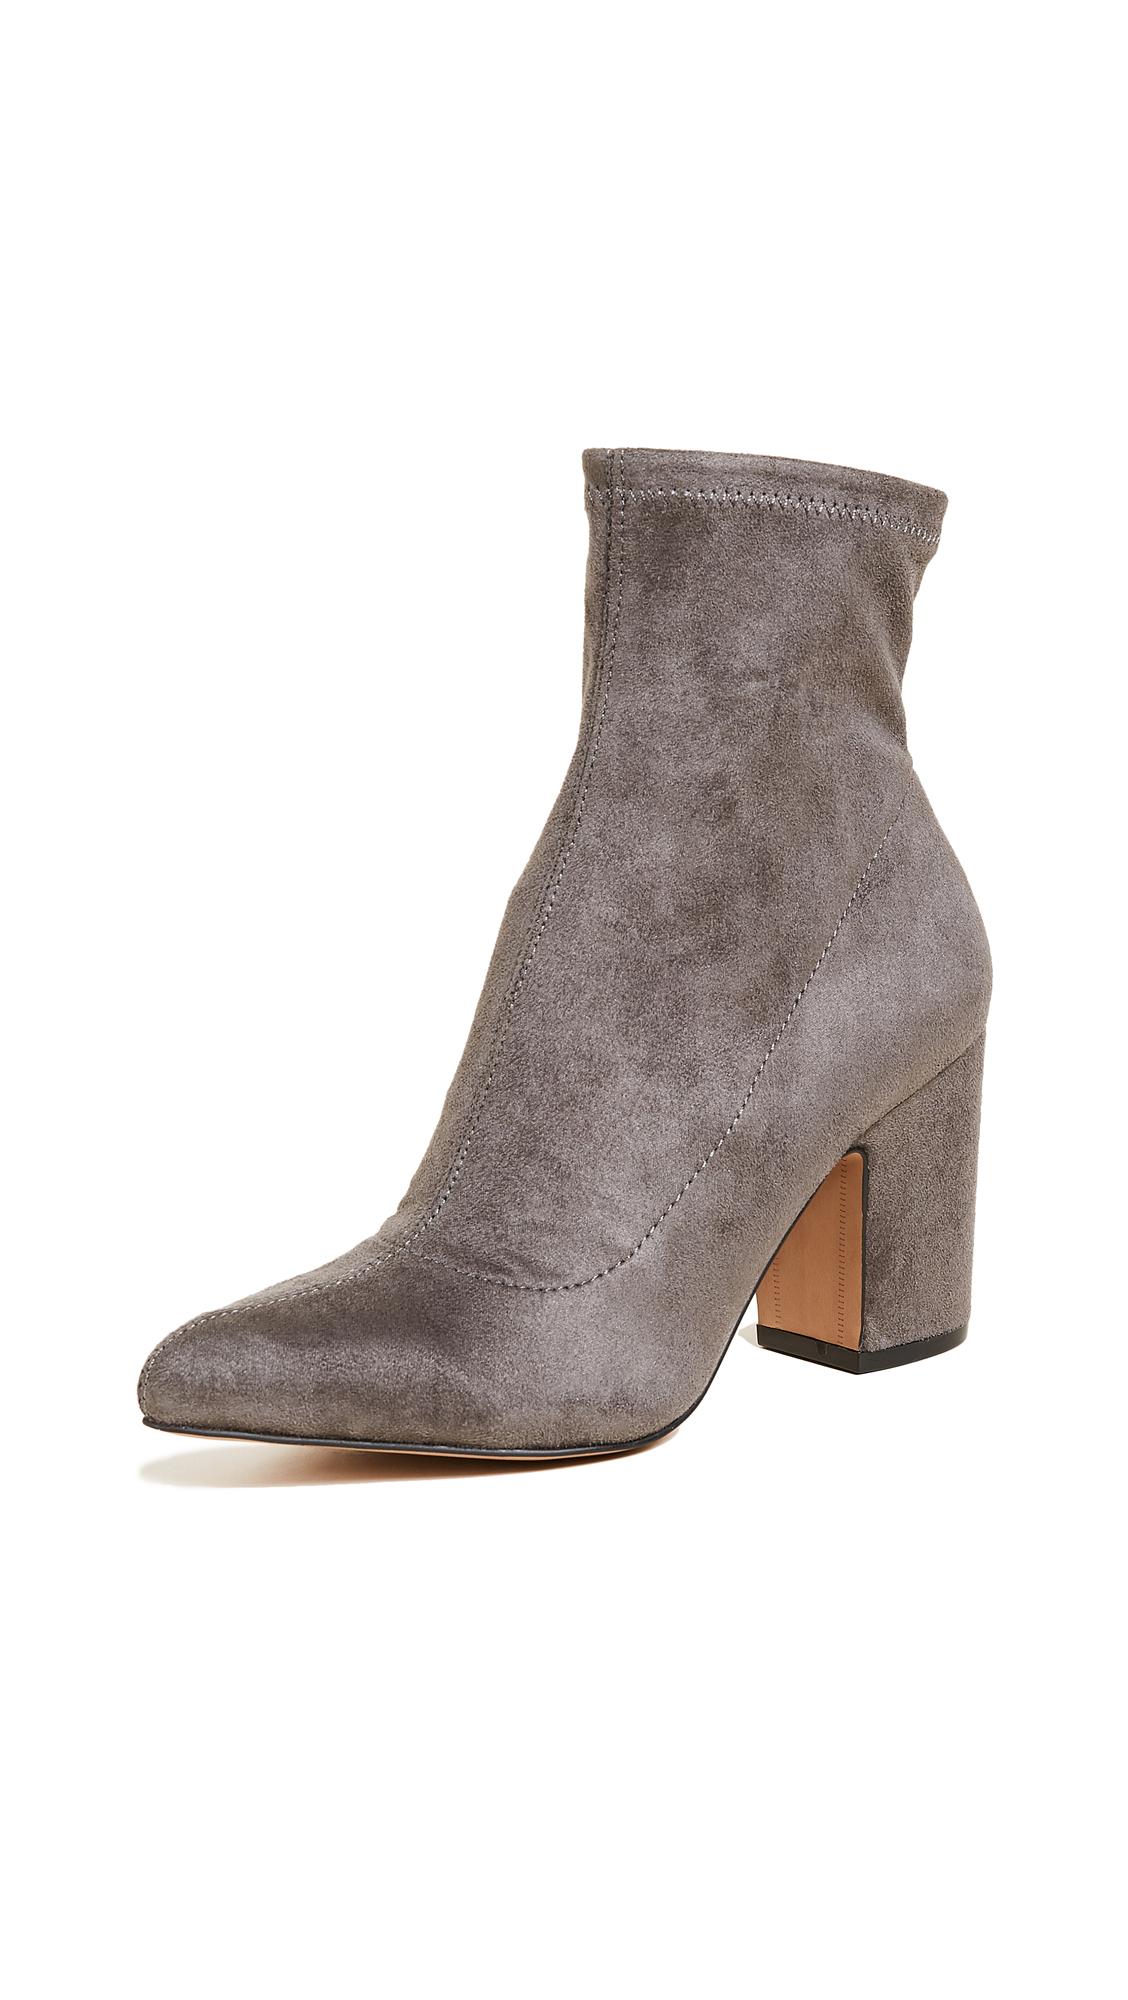 Steven Lieve Block Heel Ankle Booties - Grey